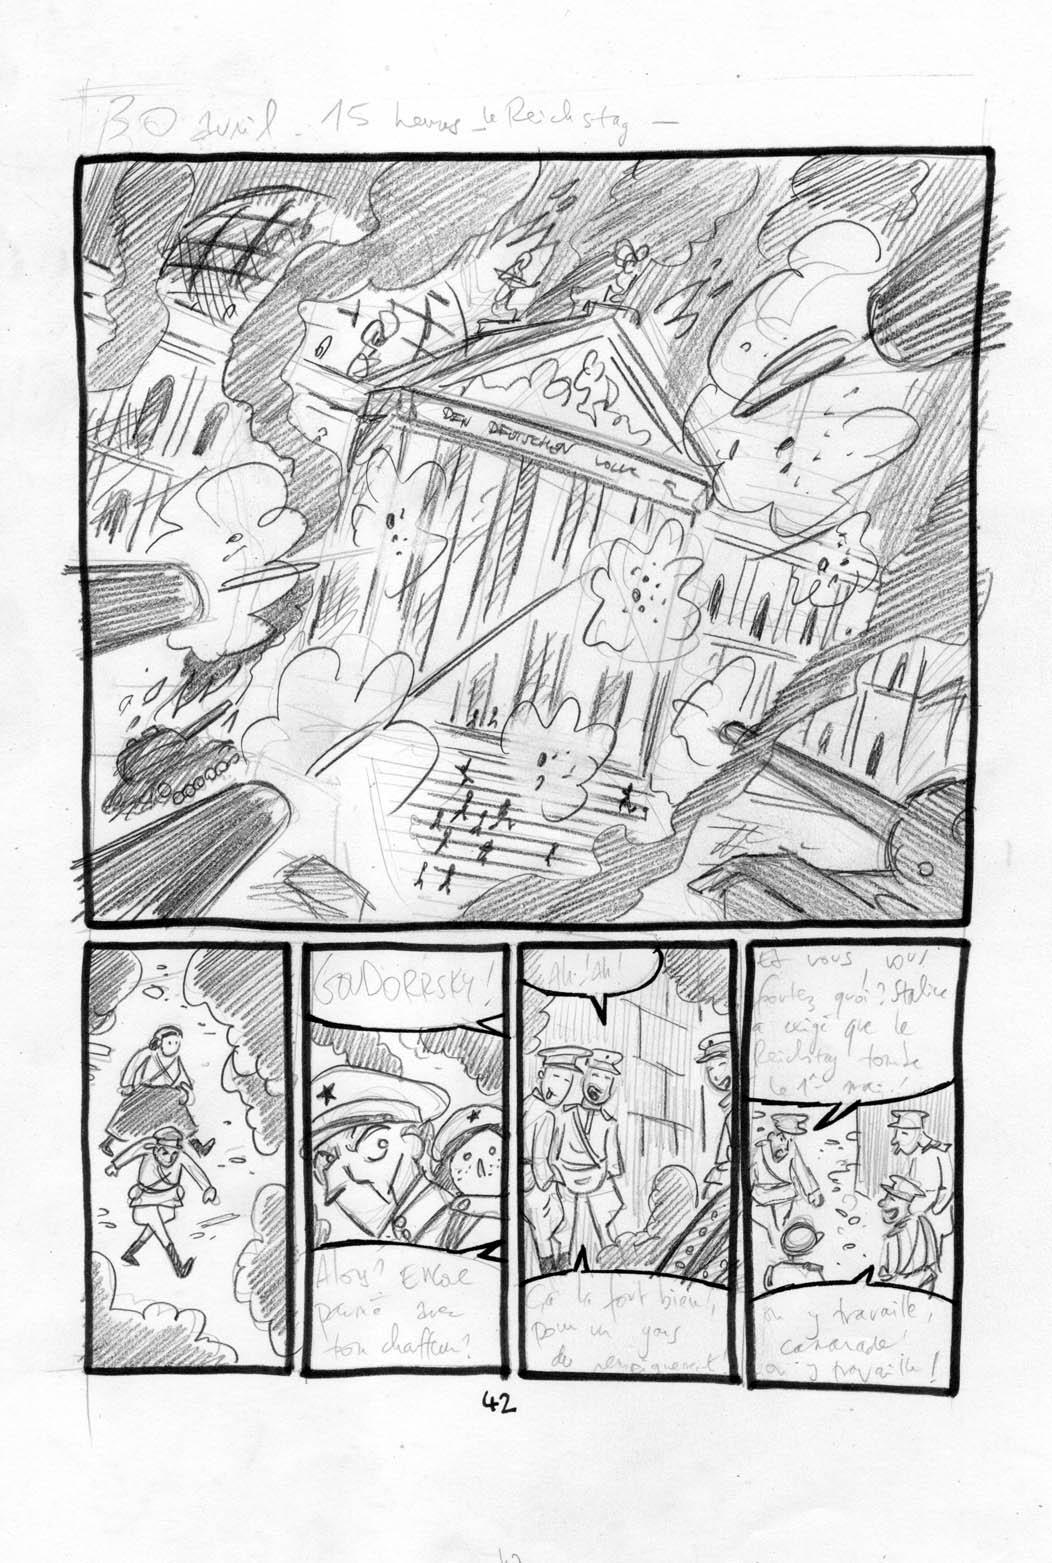 Seules à Berlin, storyboard de la planche 46 © Nicolas Juncker